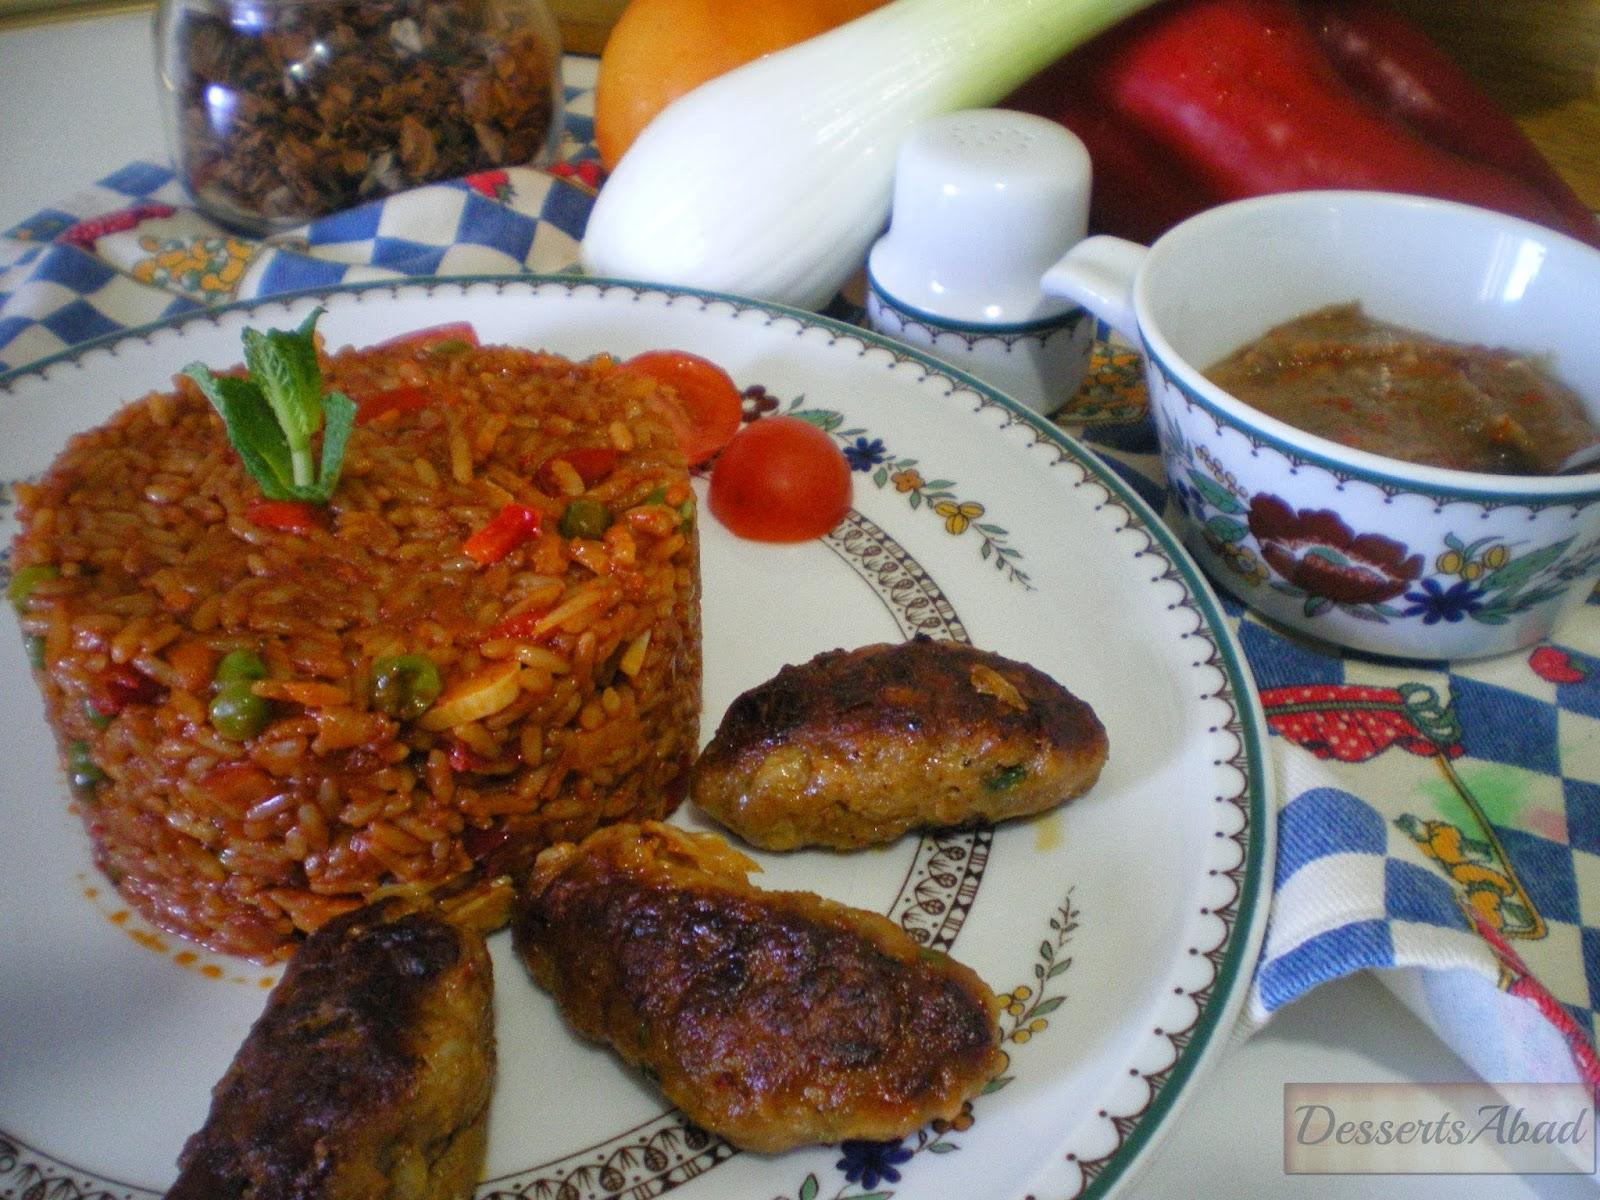 http://kepabad.blogspot.com.es/2014/03/arroz-djuvec.html